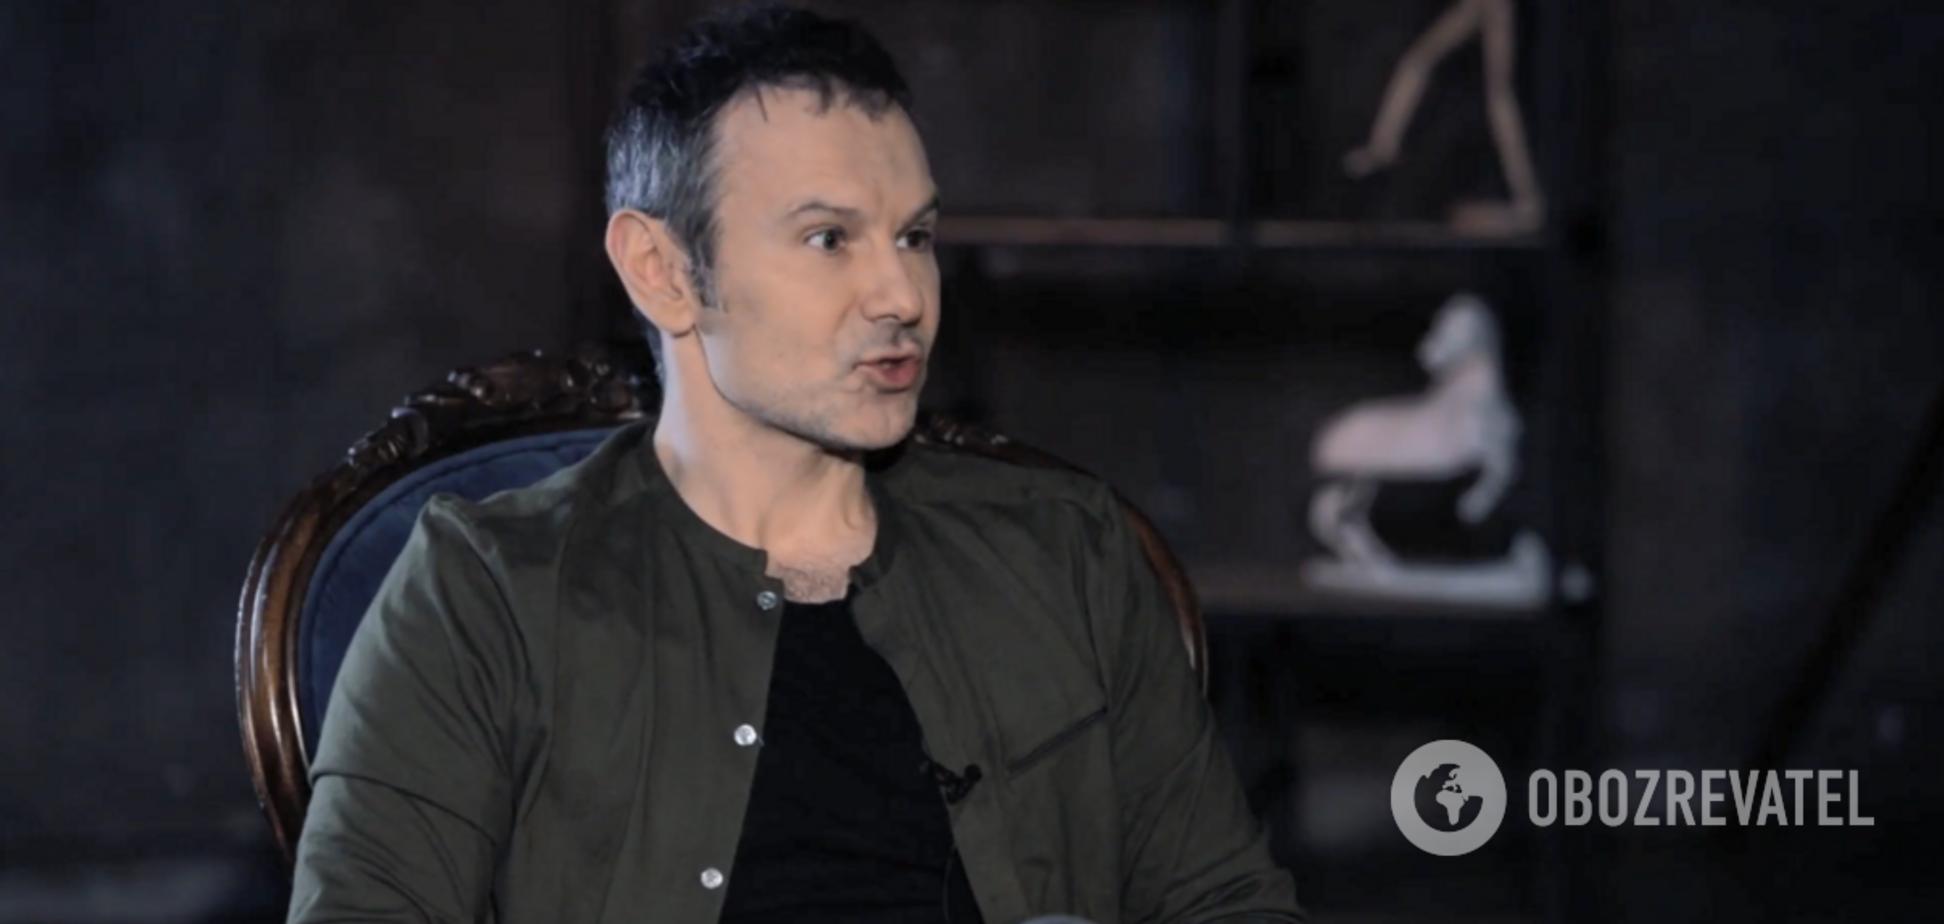 'Рано чи пізно, кожен візьме своє': Вакарчук рассекретил новую песню в интервью OBOZREVATEL